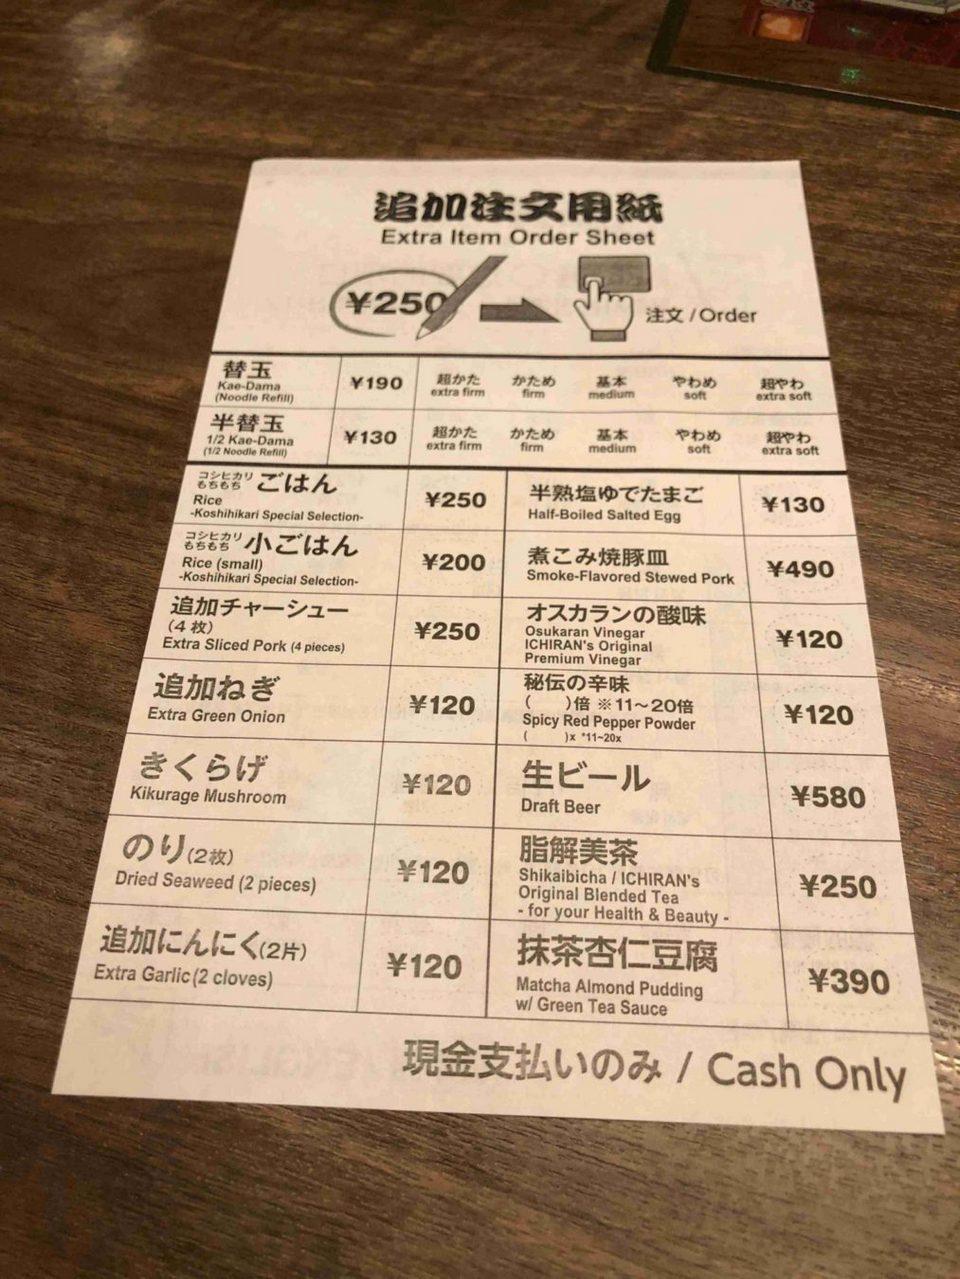 Extra item order sheet, Ichiran Ramen